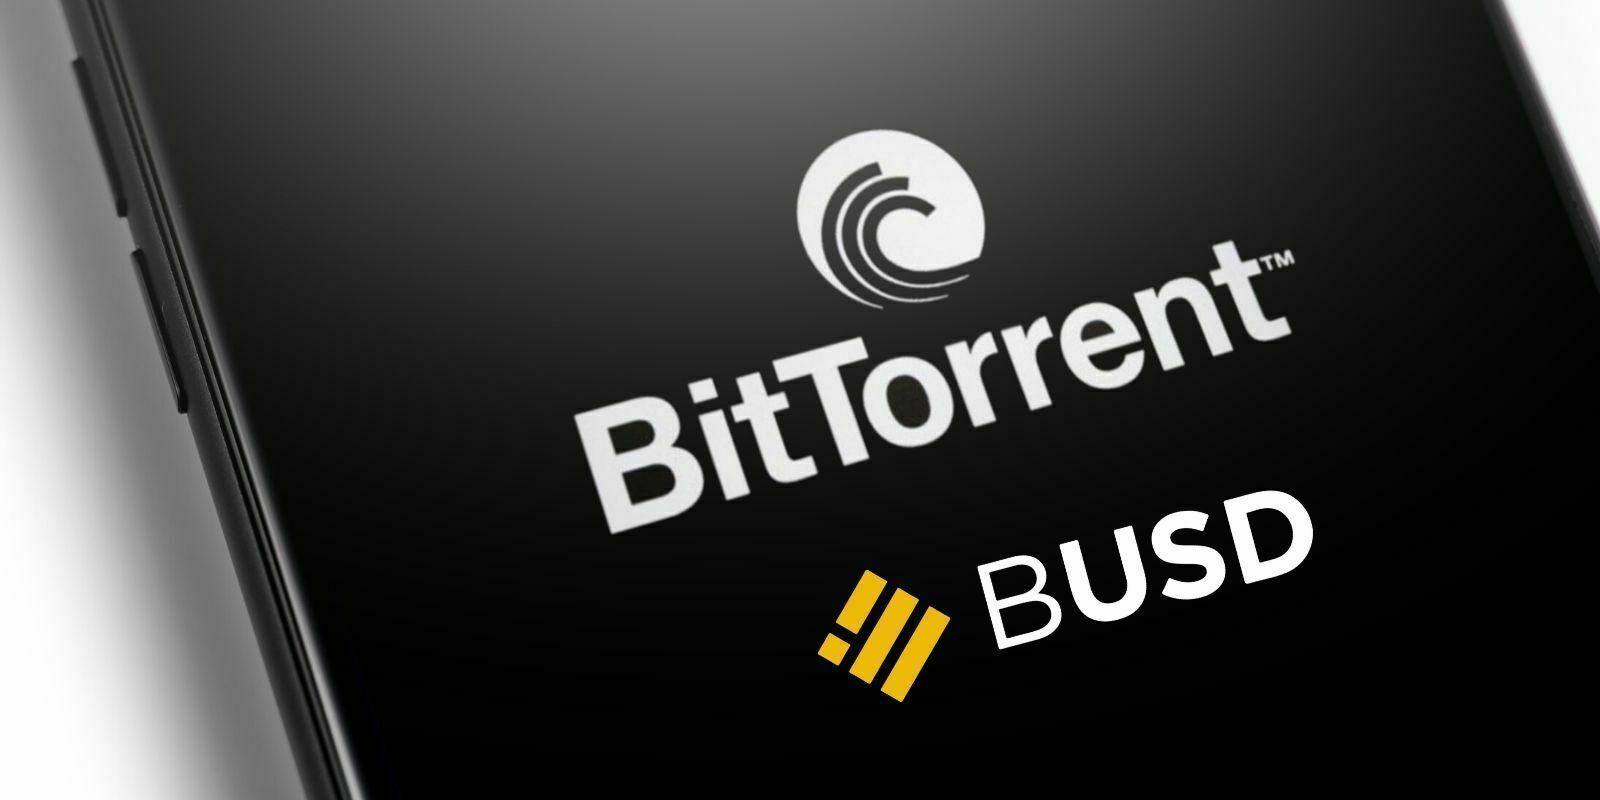 Le BUSD de Binance débarque sur BitTorrent comme option de paiement